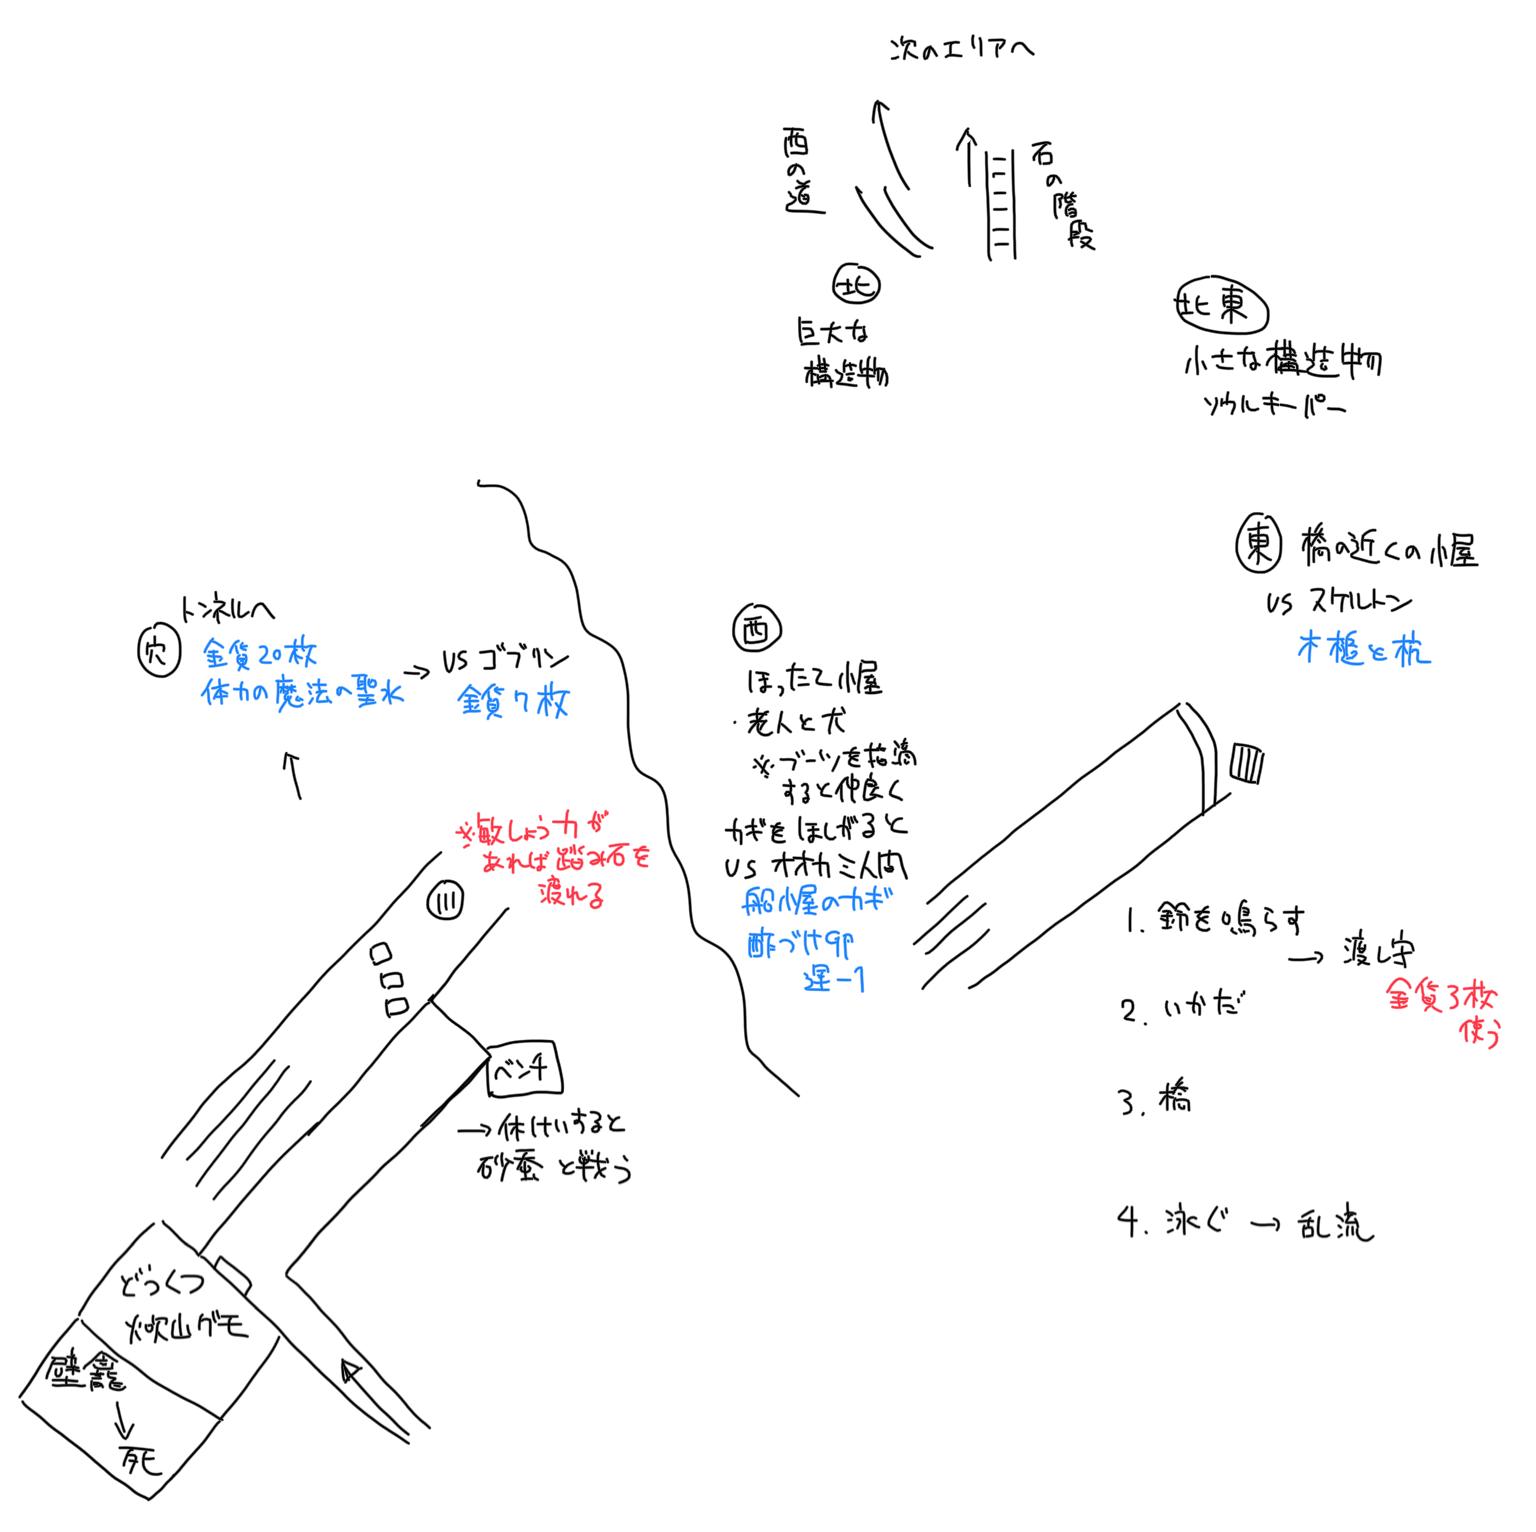 hifukimap-4-5.png